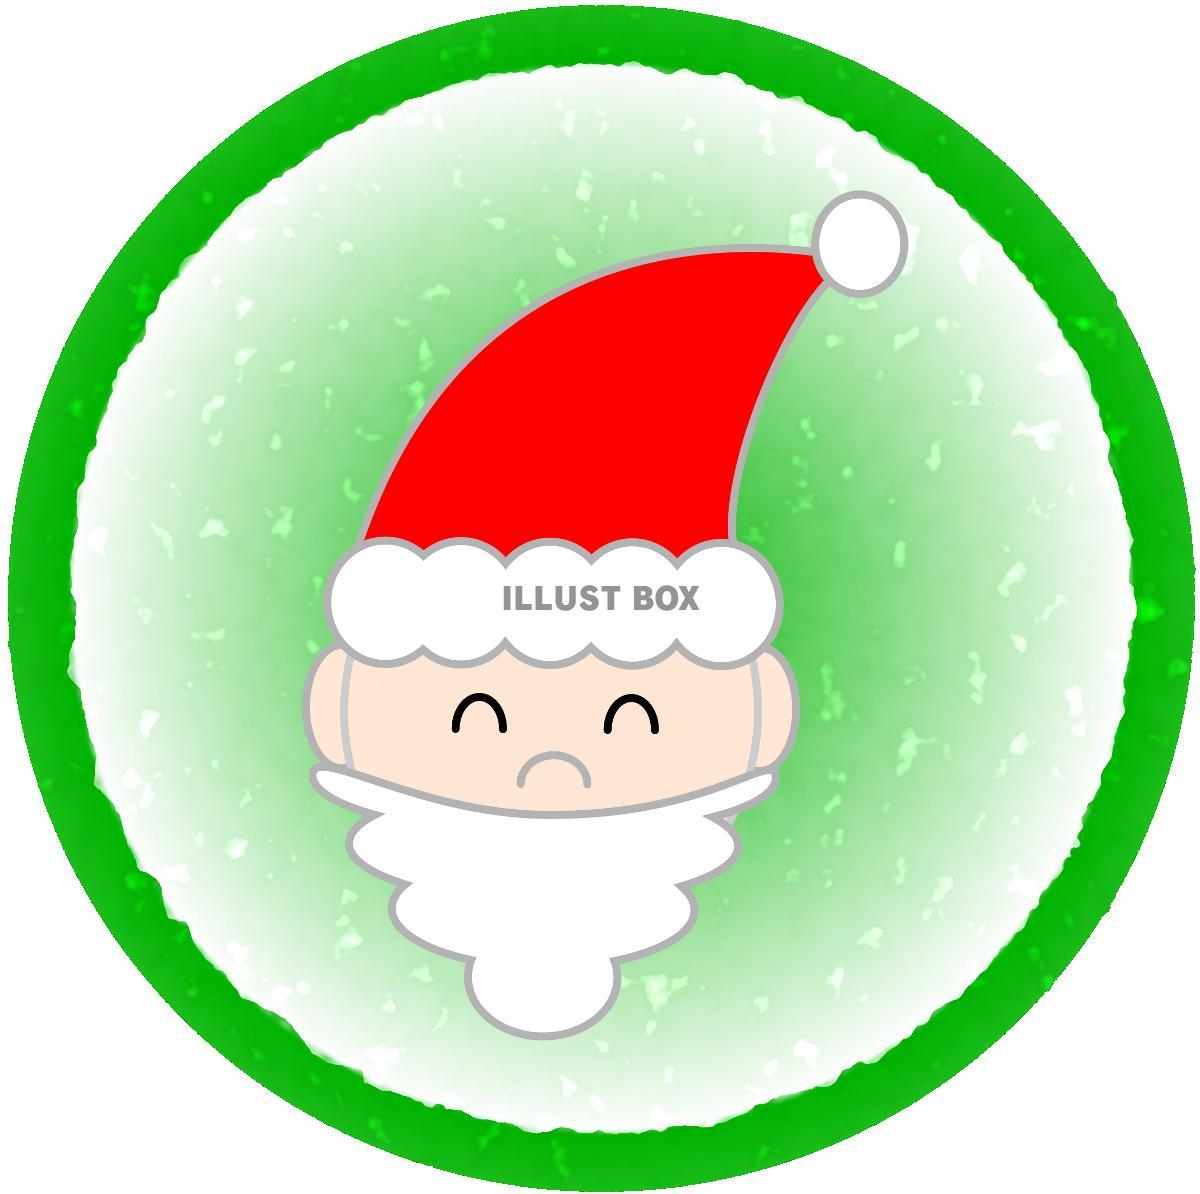 無料イラスト サンタクロース顔緑丸枠